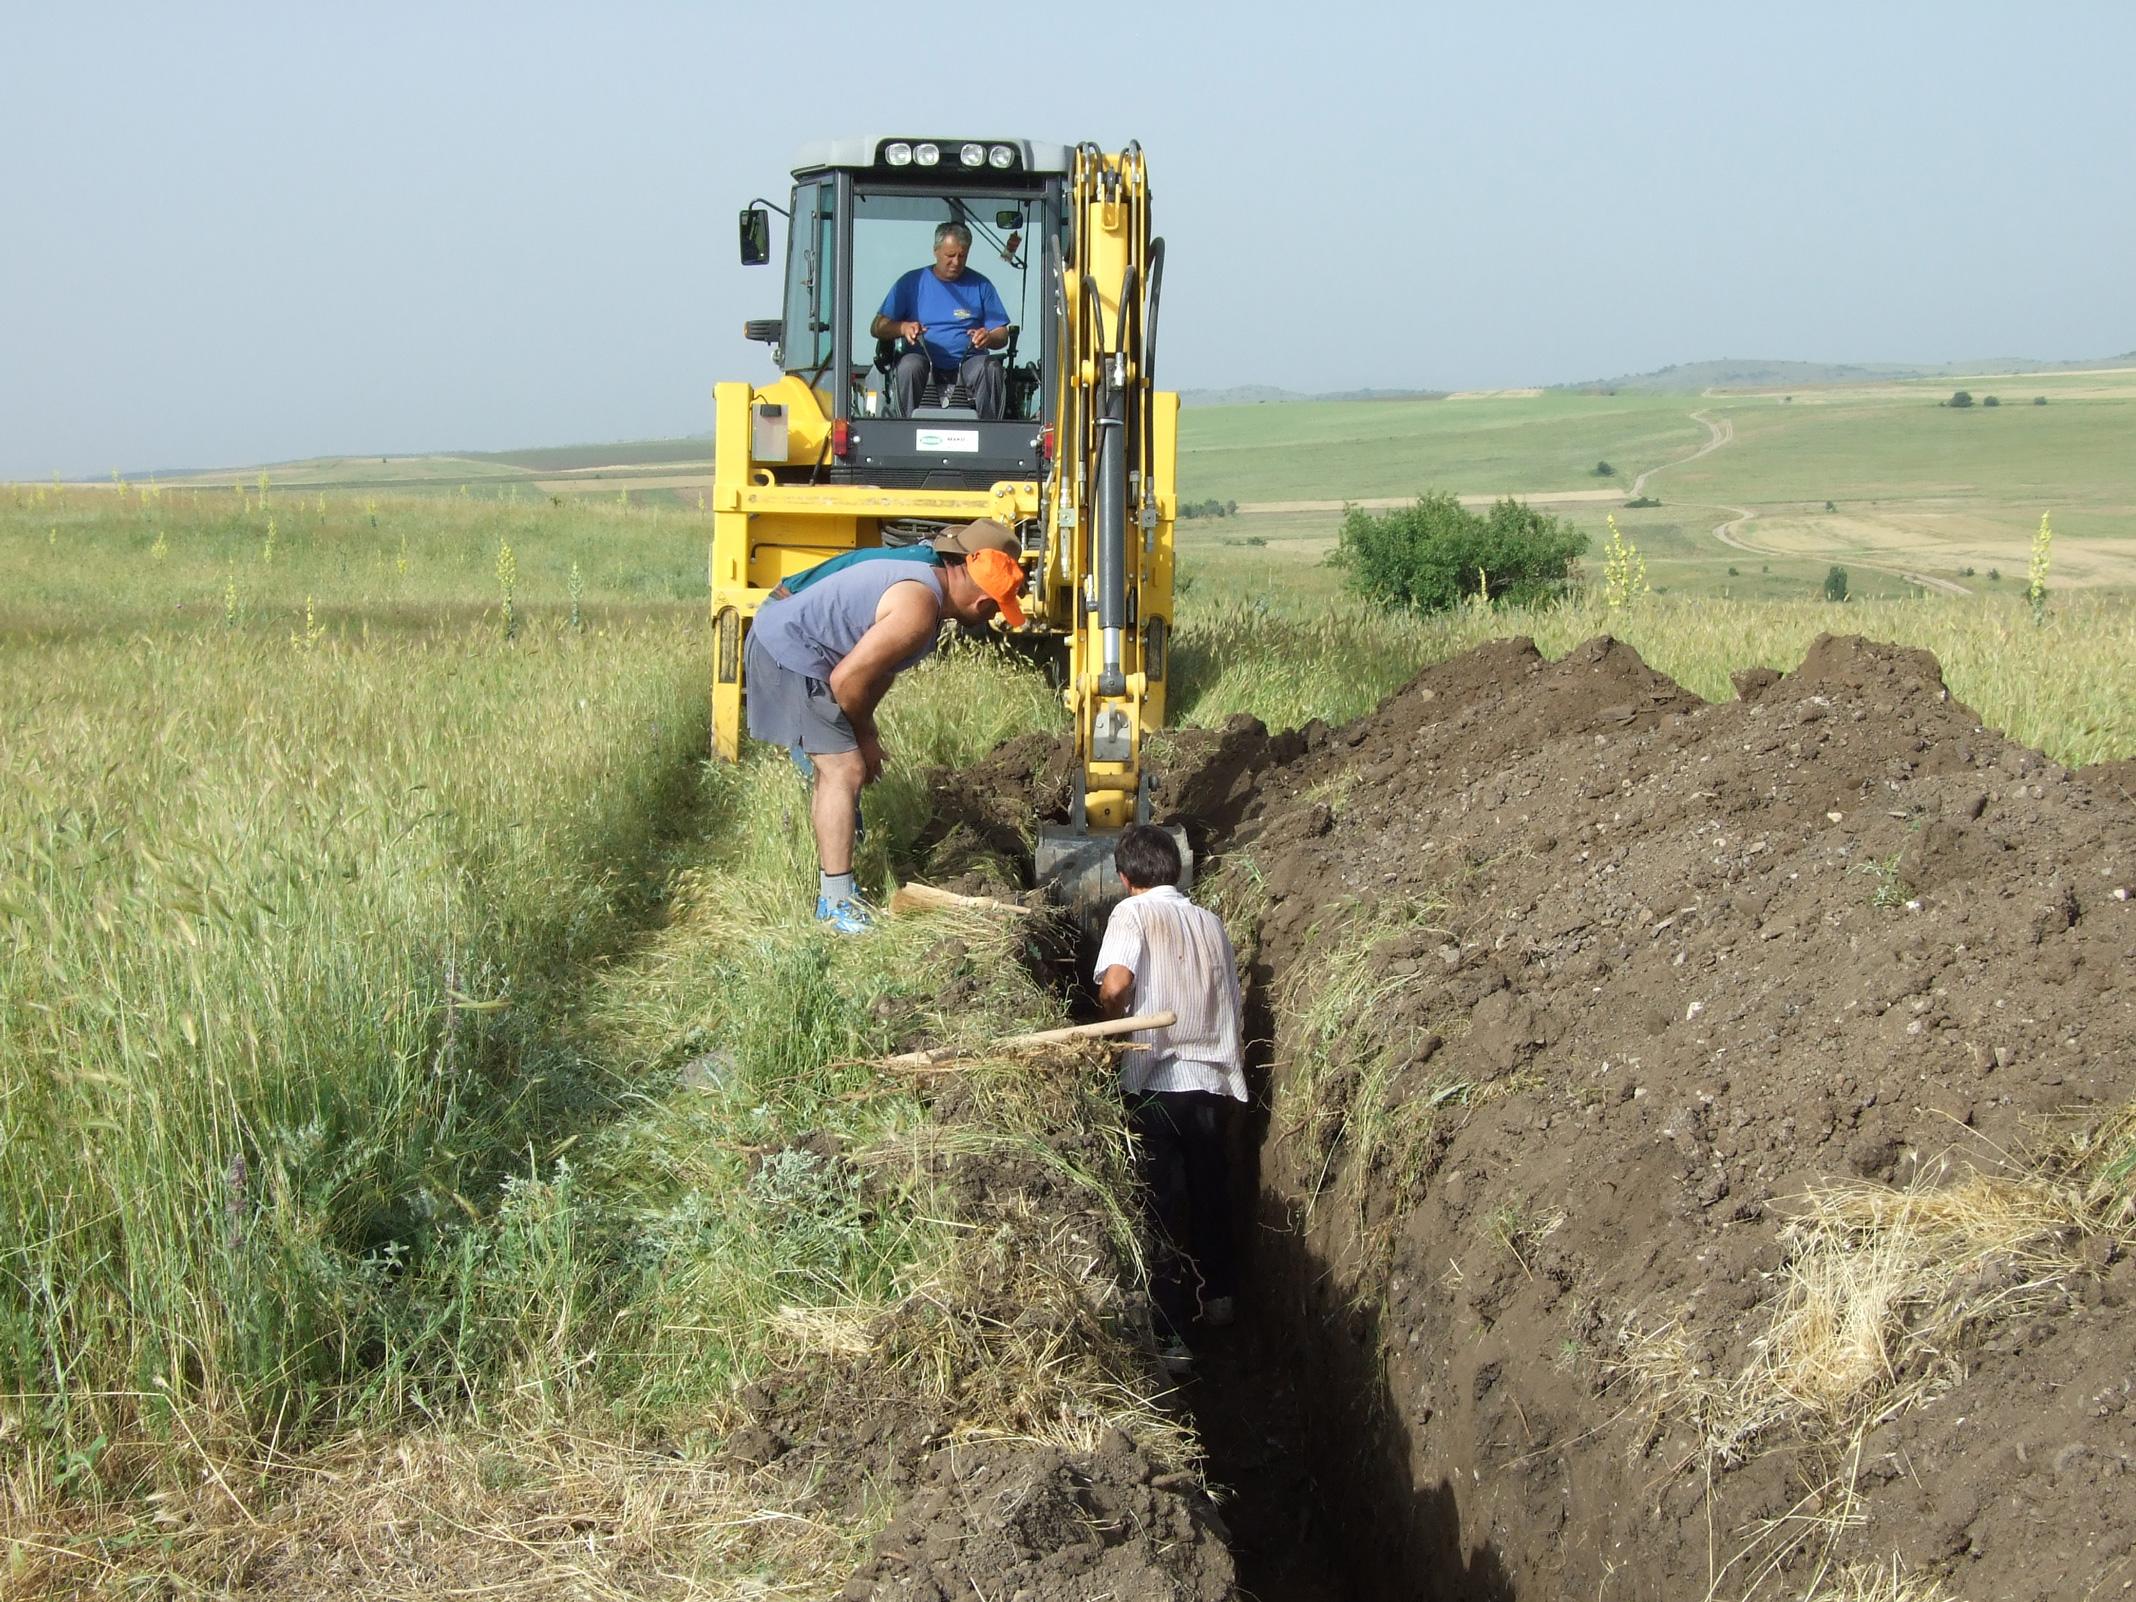 http://www.tfahr.org/images/2010FAlb005.jpg